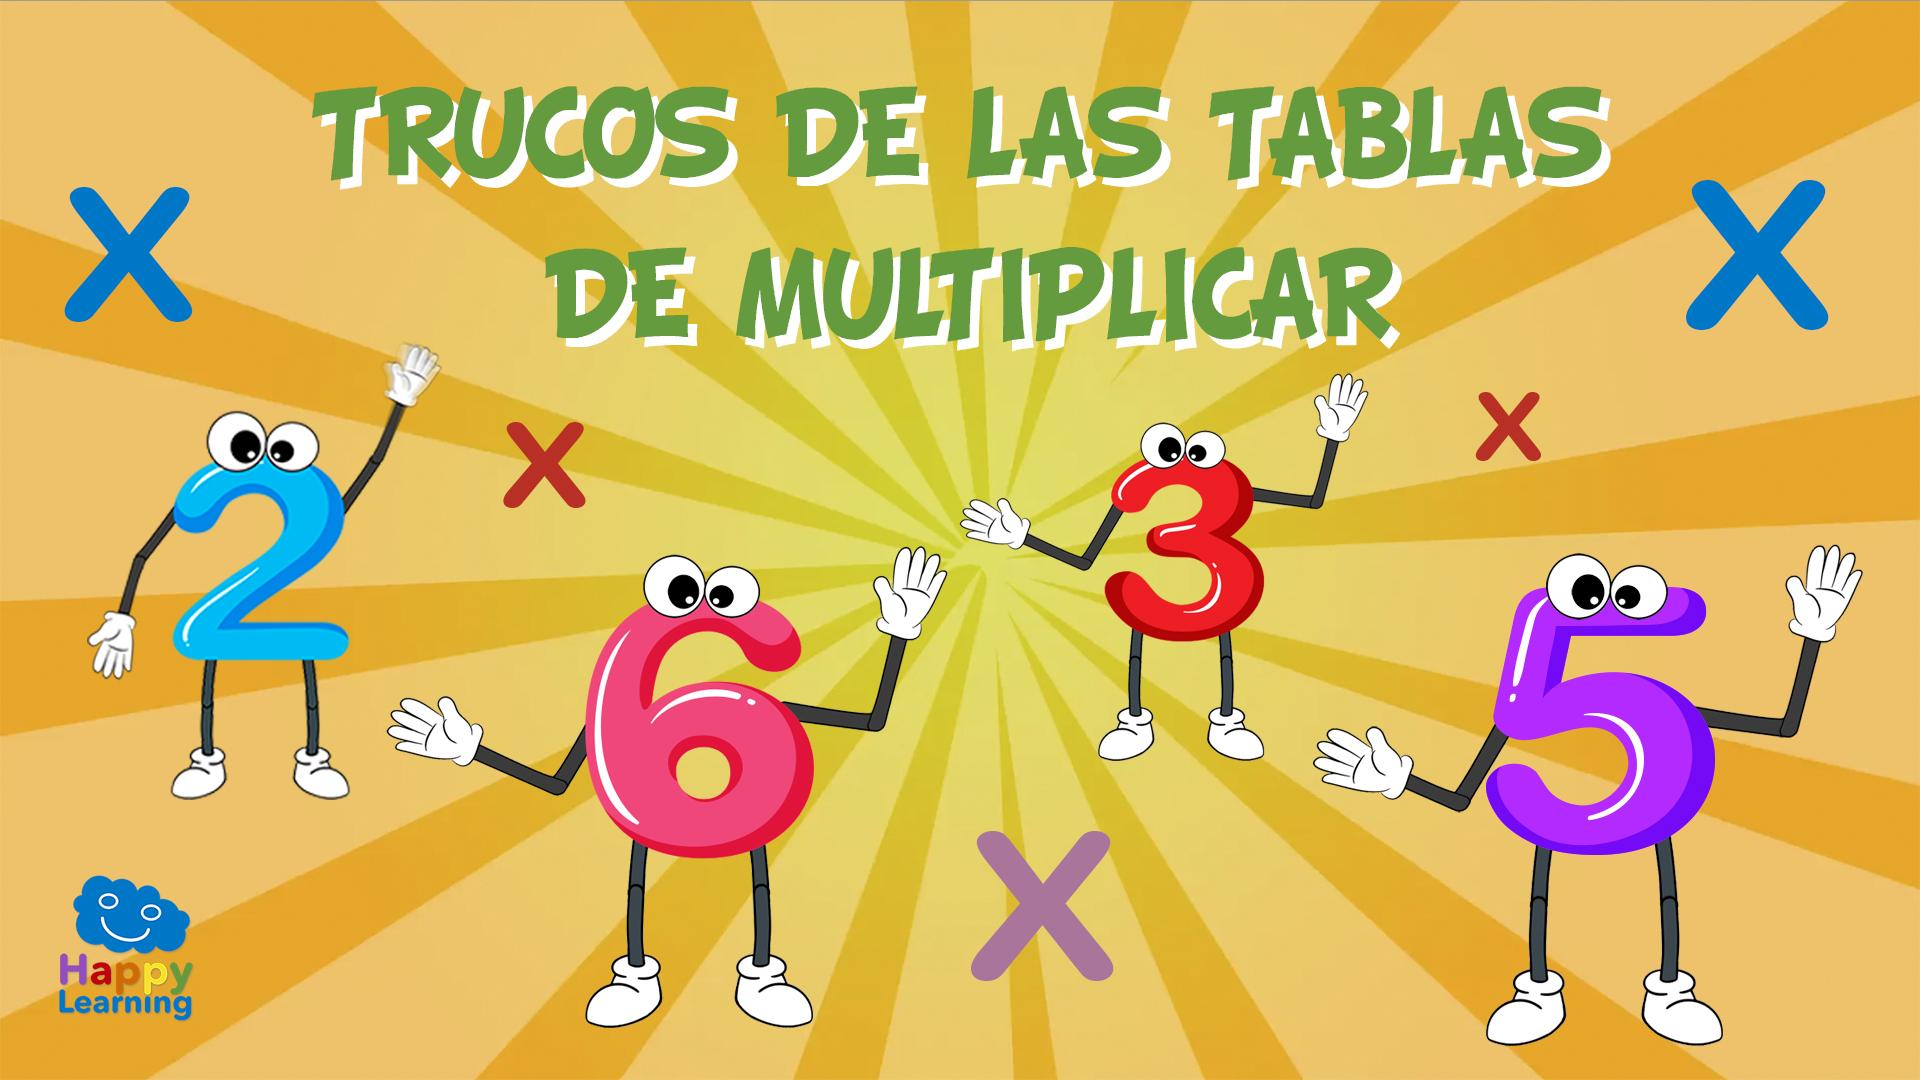 Trucos de las tablas de multiplicar